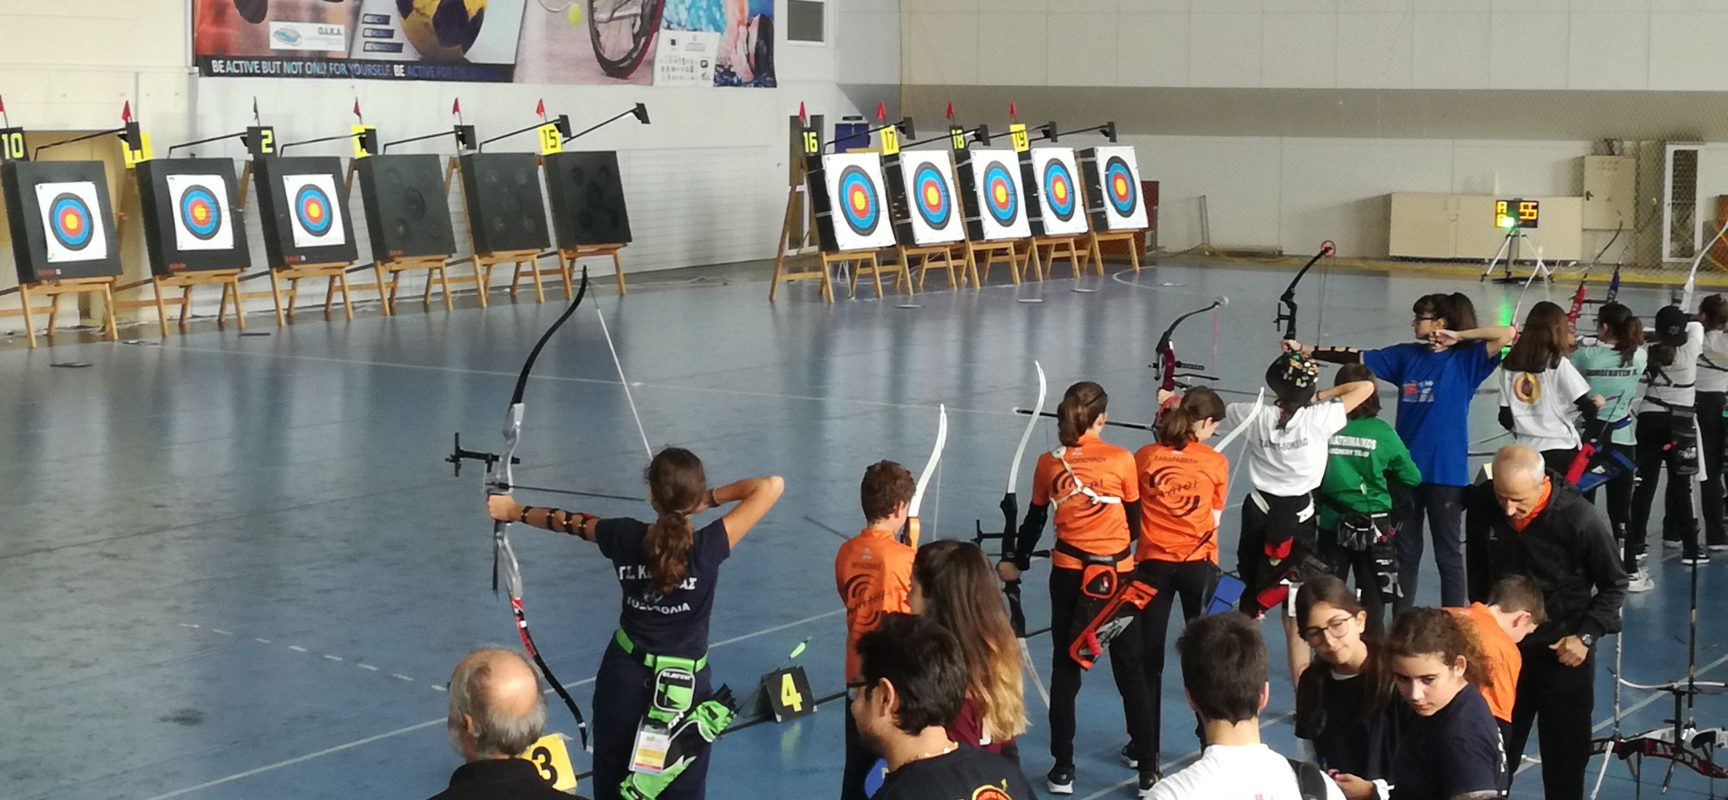 Στόχοι με τους αθλητές του αγώνα Κ.Χ. που θα διεξαχθεί την Κυριακή 9 Φεβρουαρίου στον Λαγκαδά Θεσσαλονίκης